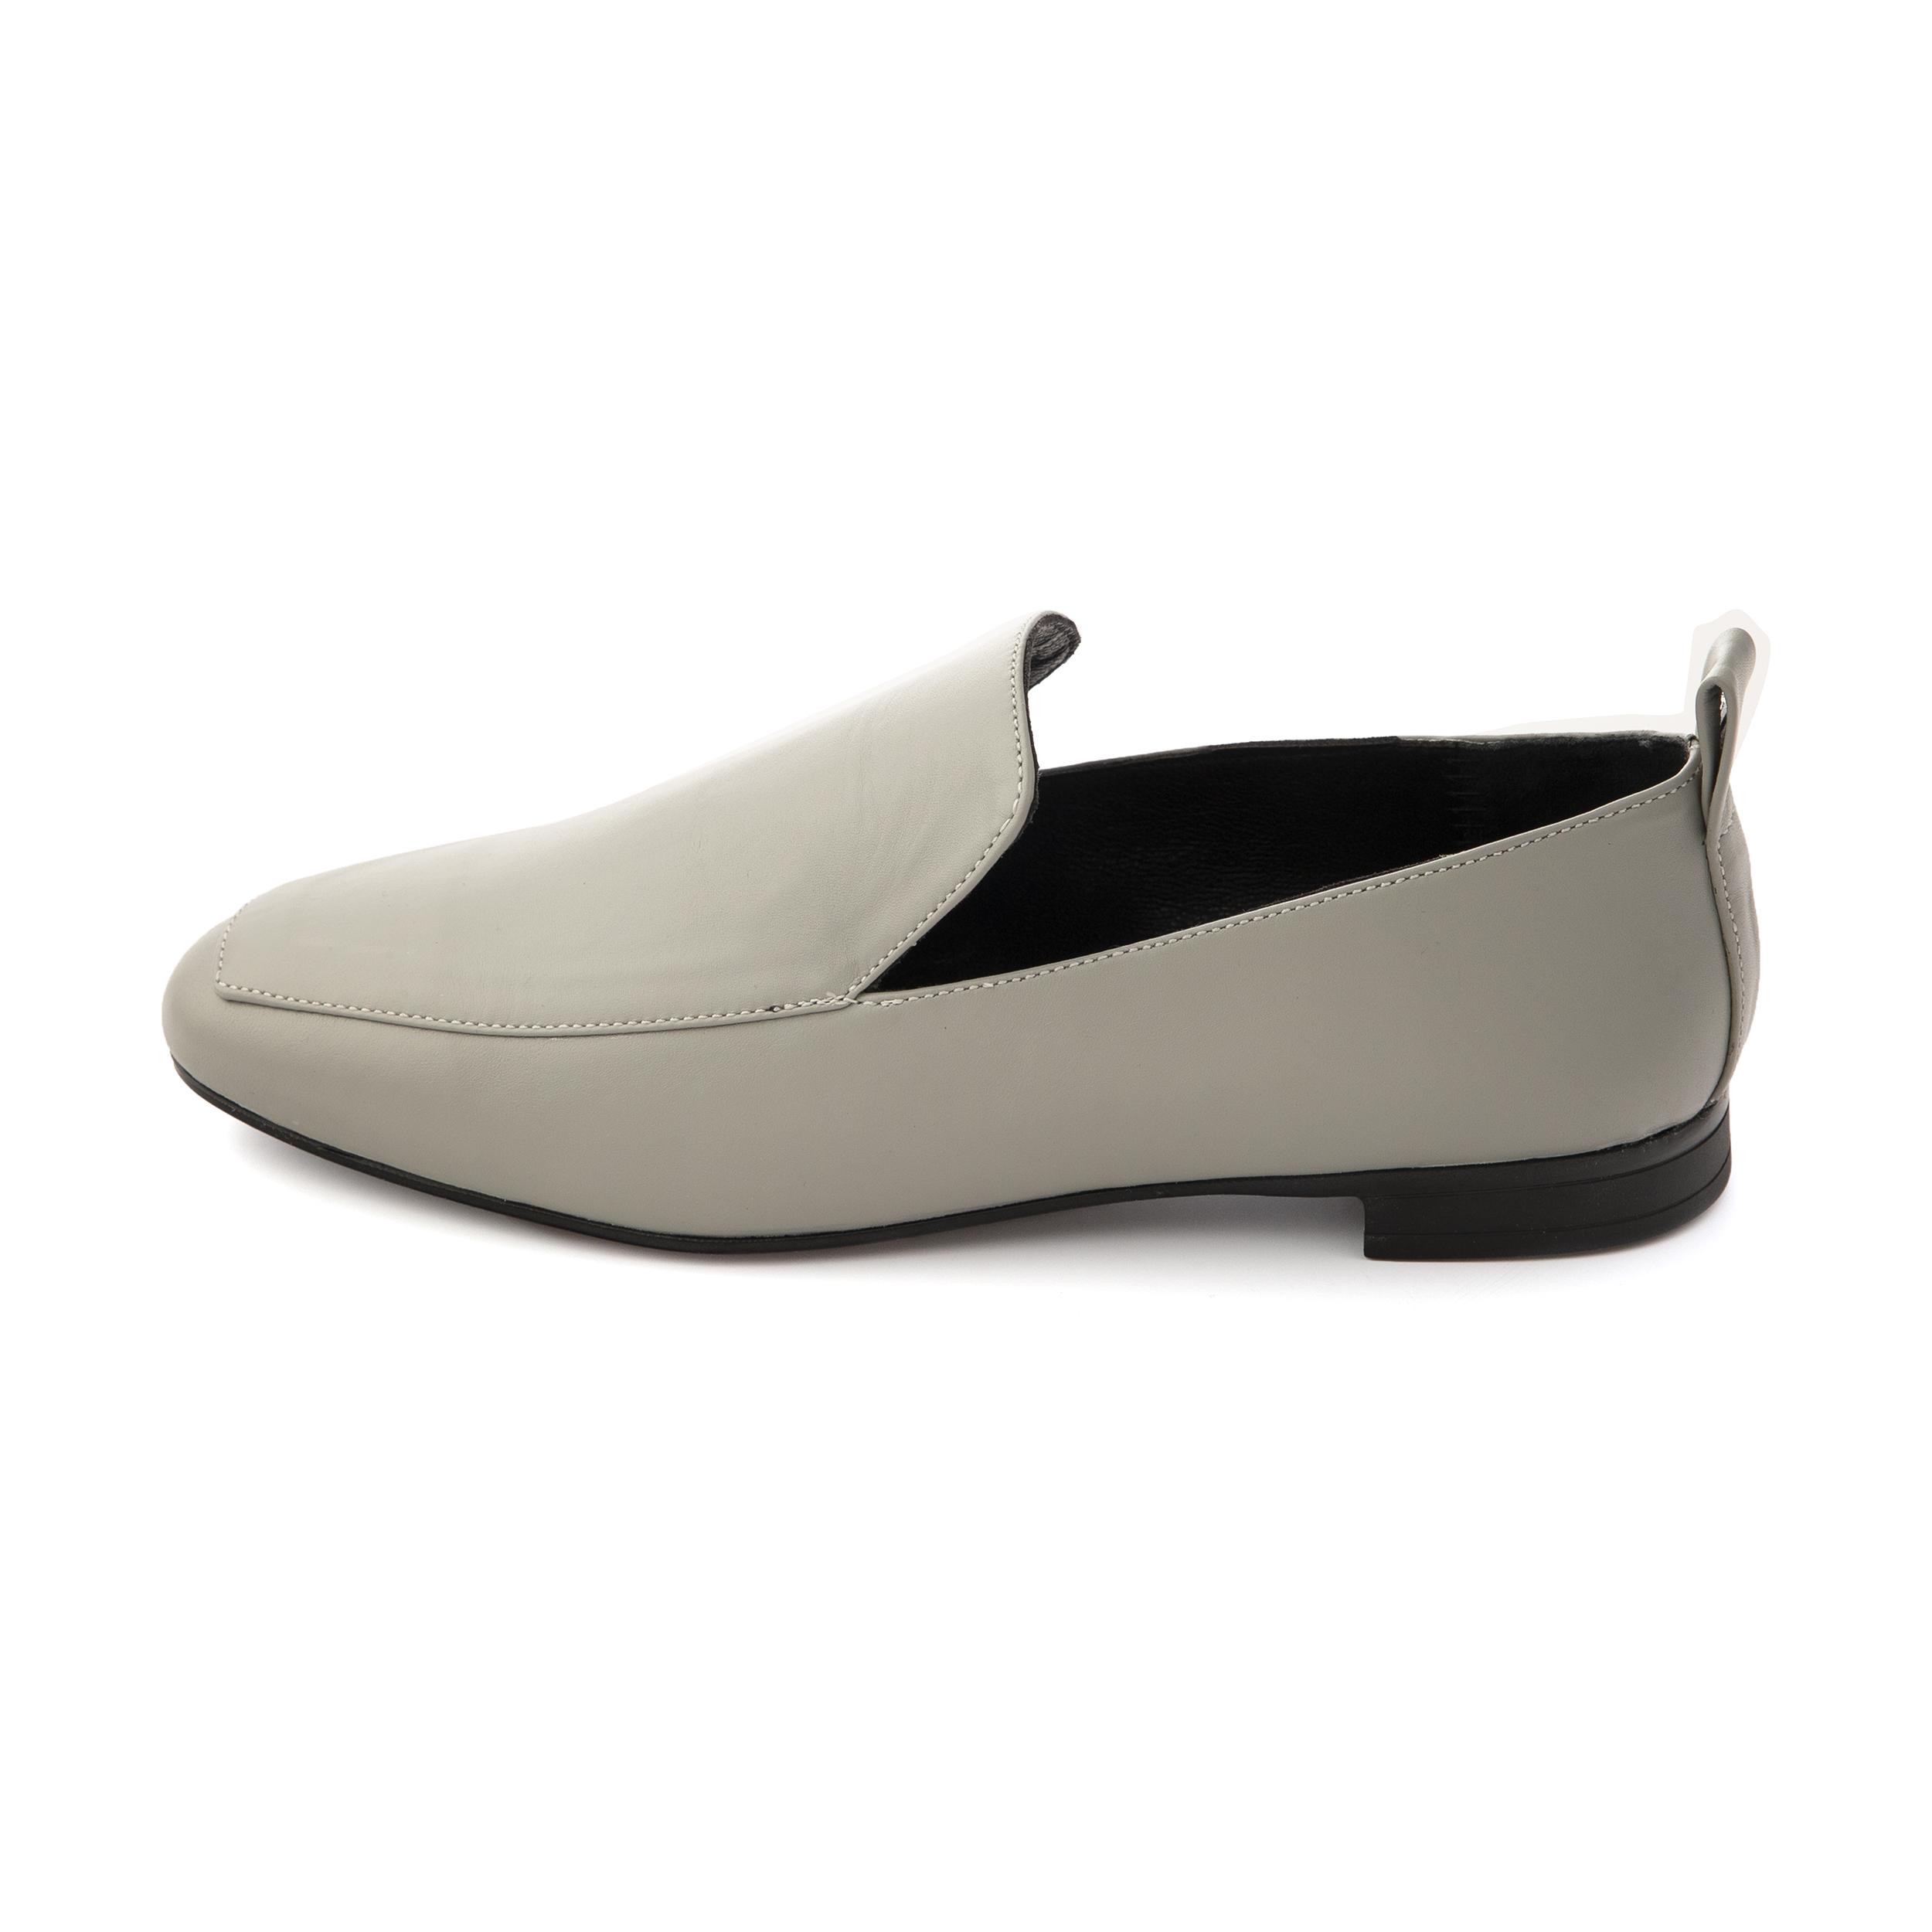 کفش زنانه آرتمن مدل Saffira 3-43684